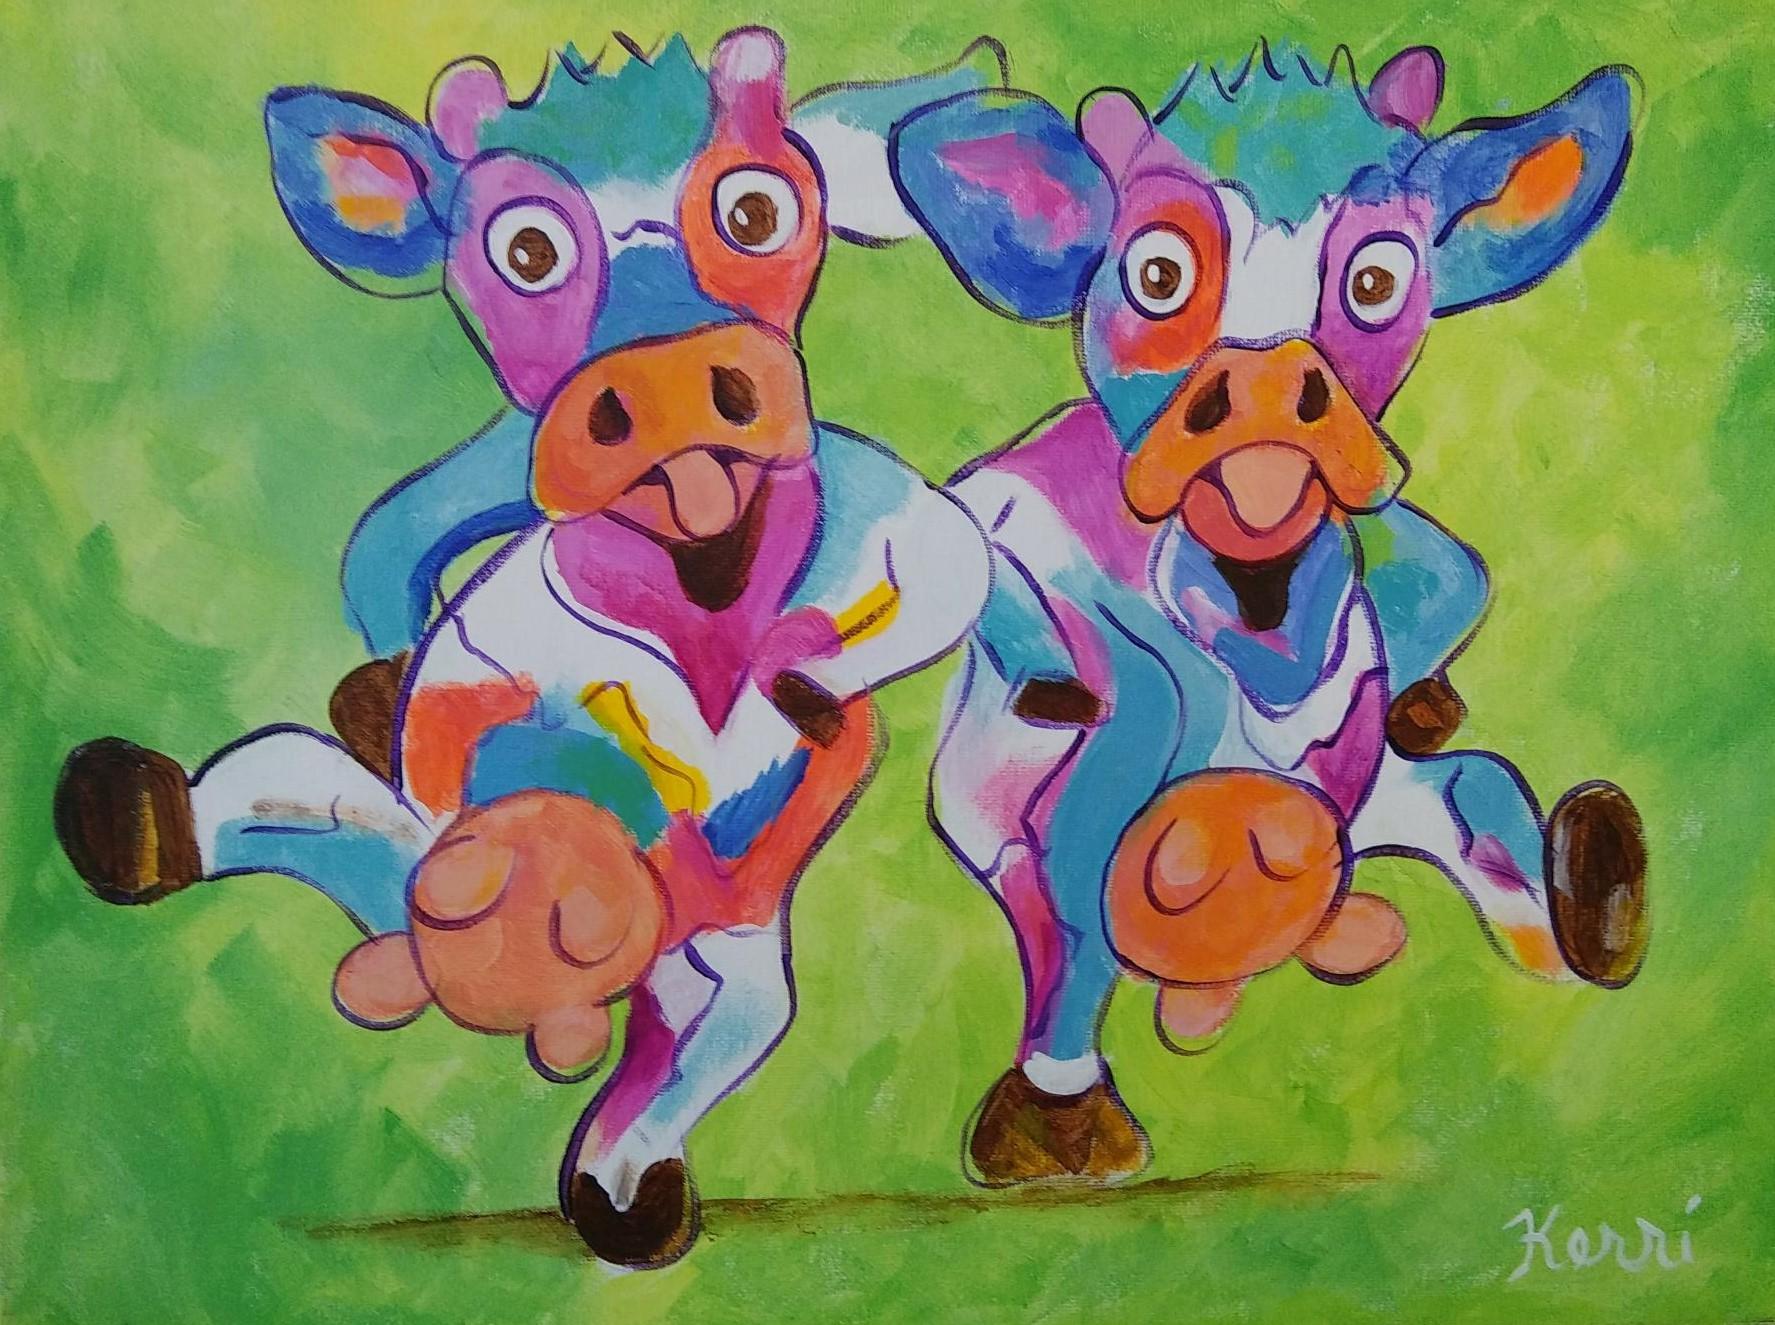 Dancing Cows - Kerri